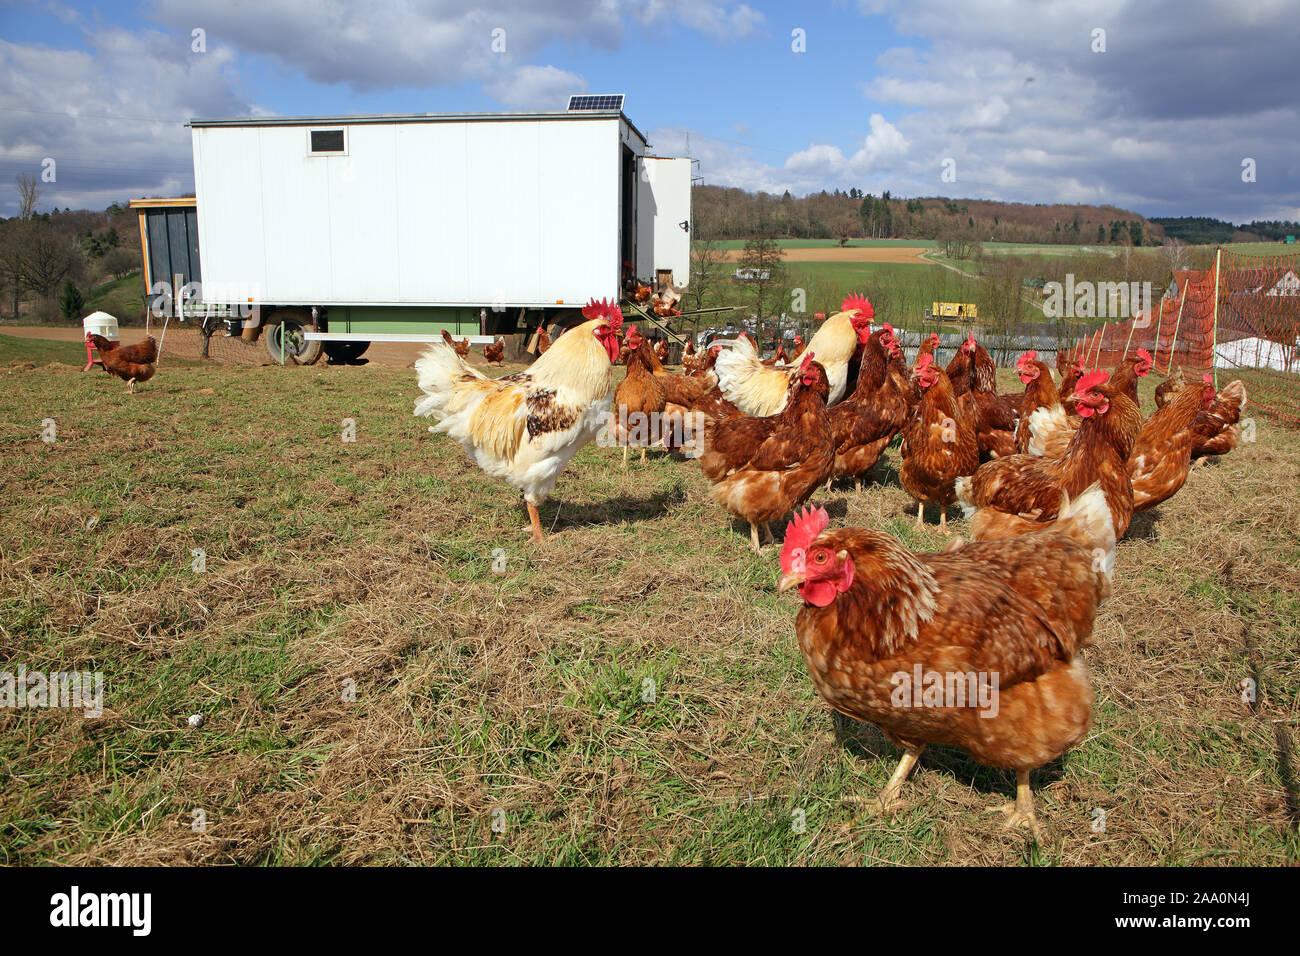 In Hühner Freilandhaltung mit Auslauf auf einer Wiese. Im Hintergrund steht ein mobiles Hühnerhaus. Foto Stock